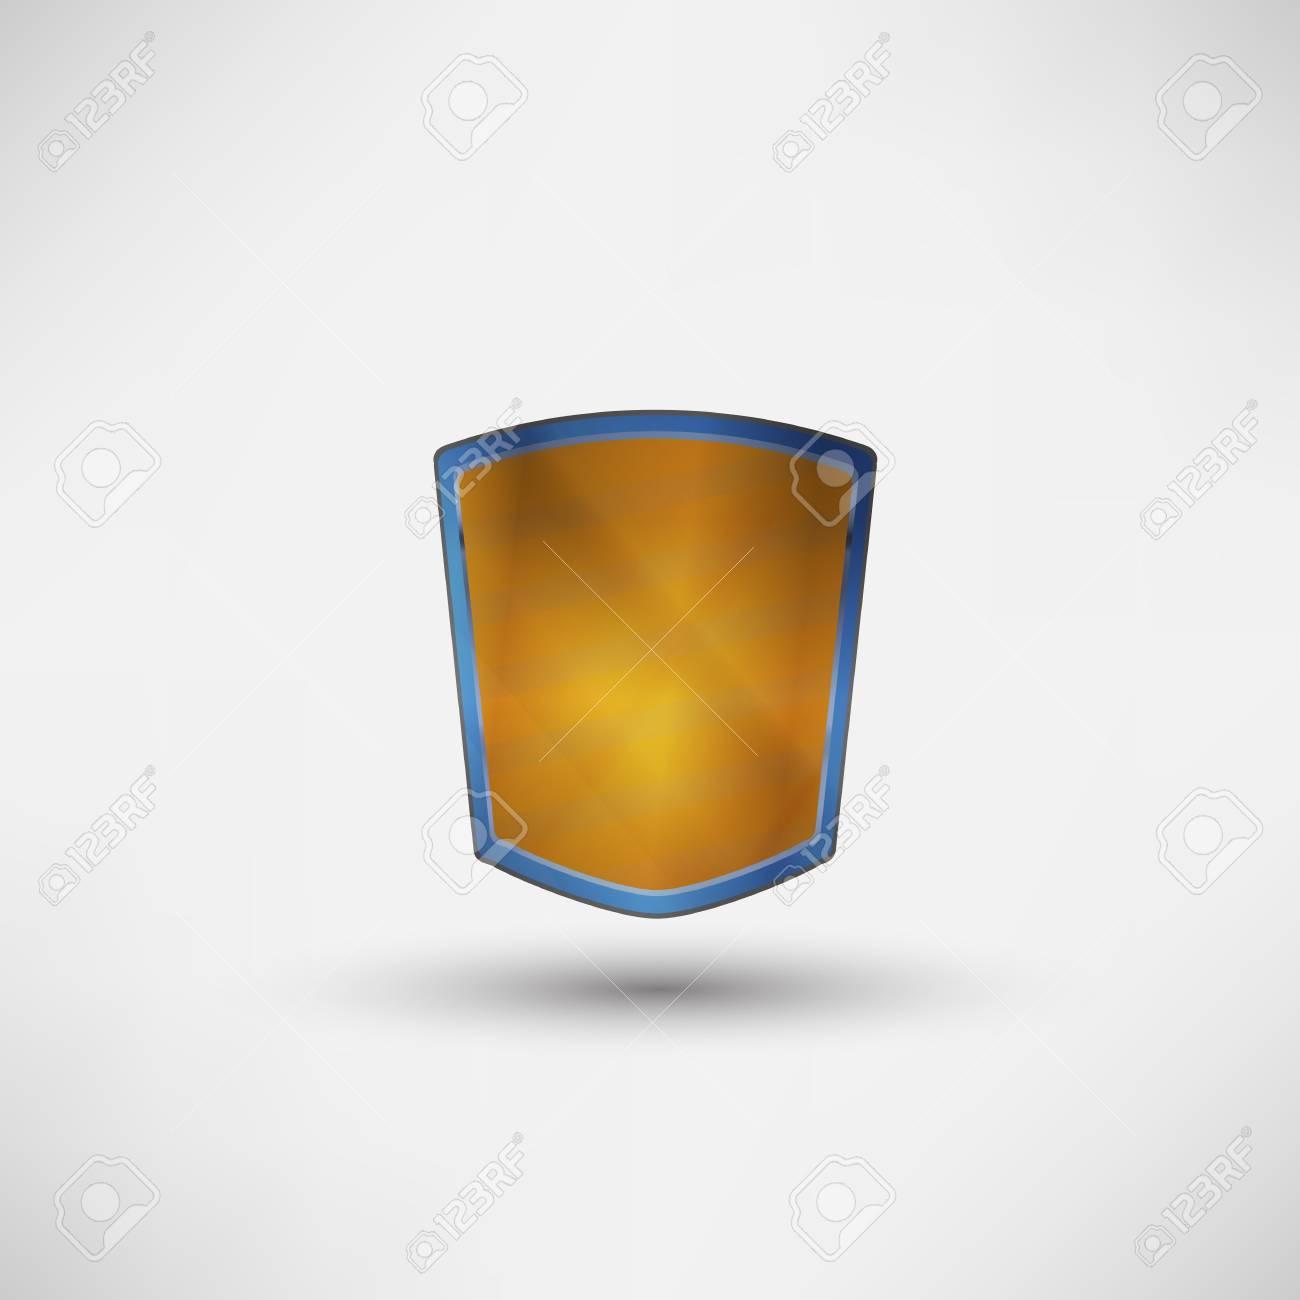 retro shield Stock Vector - 17945573